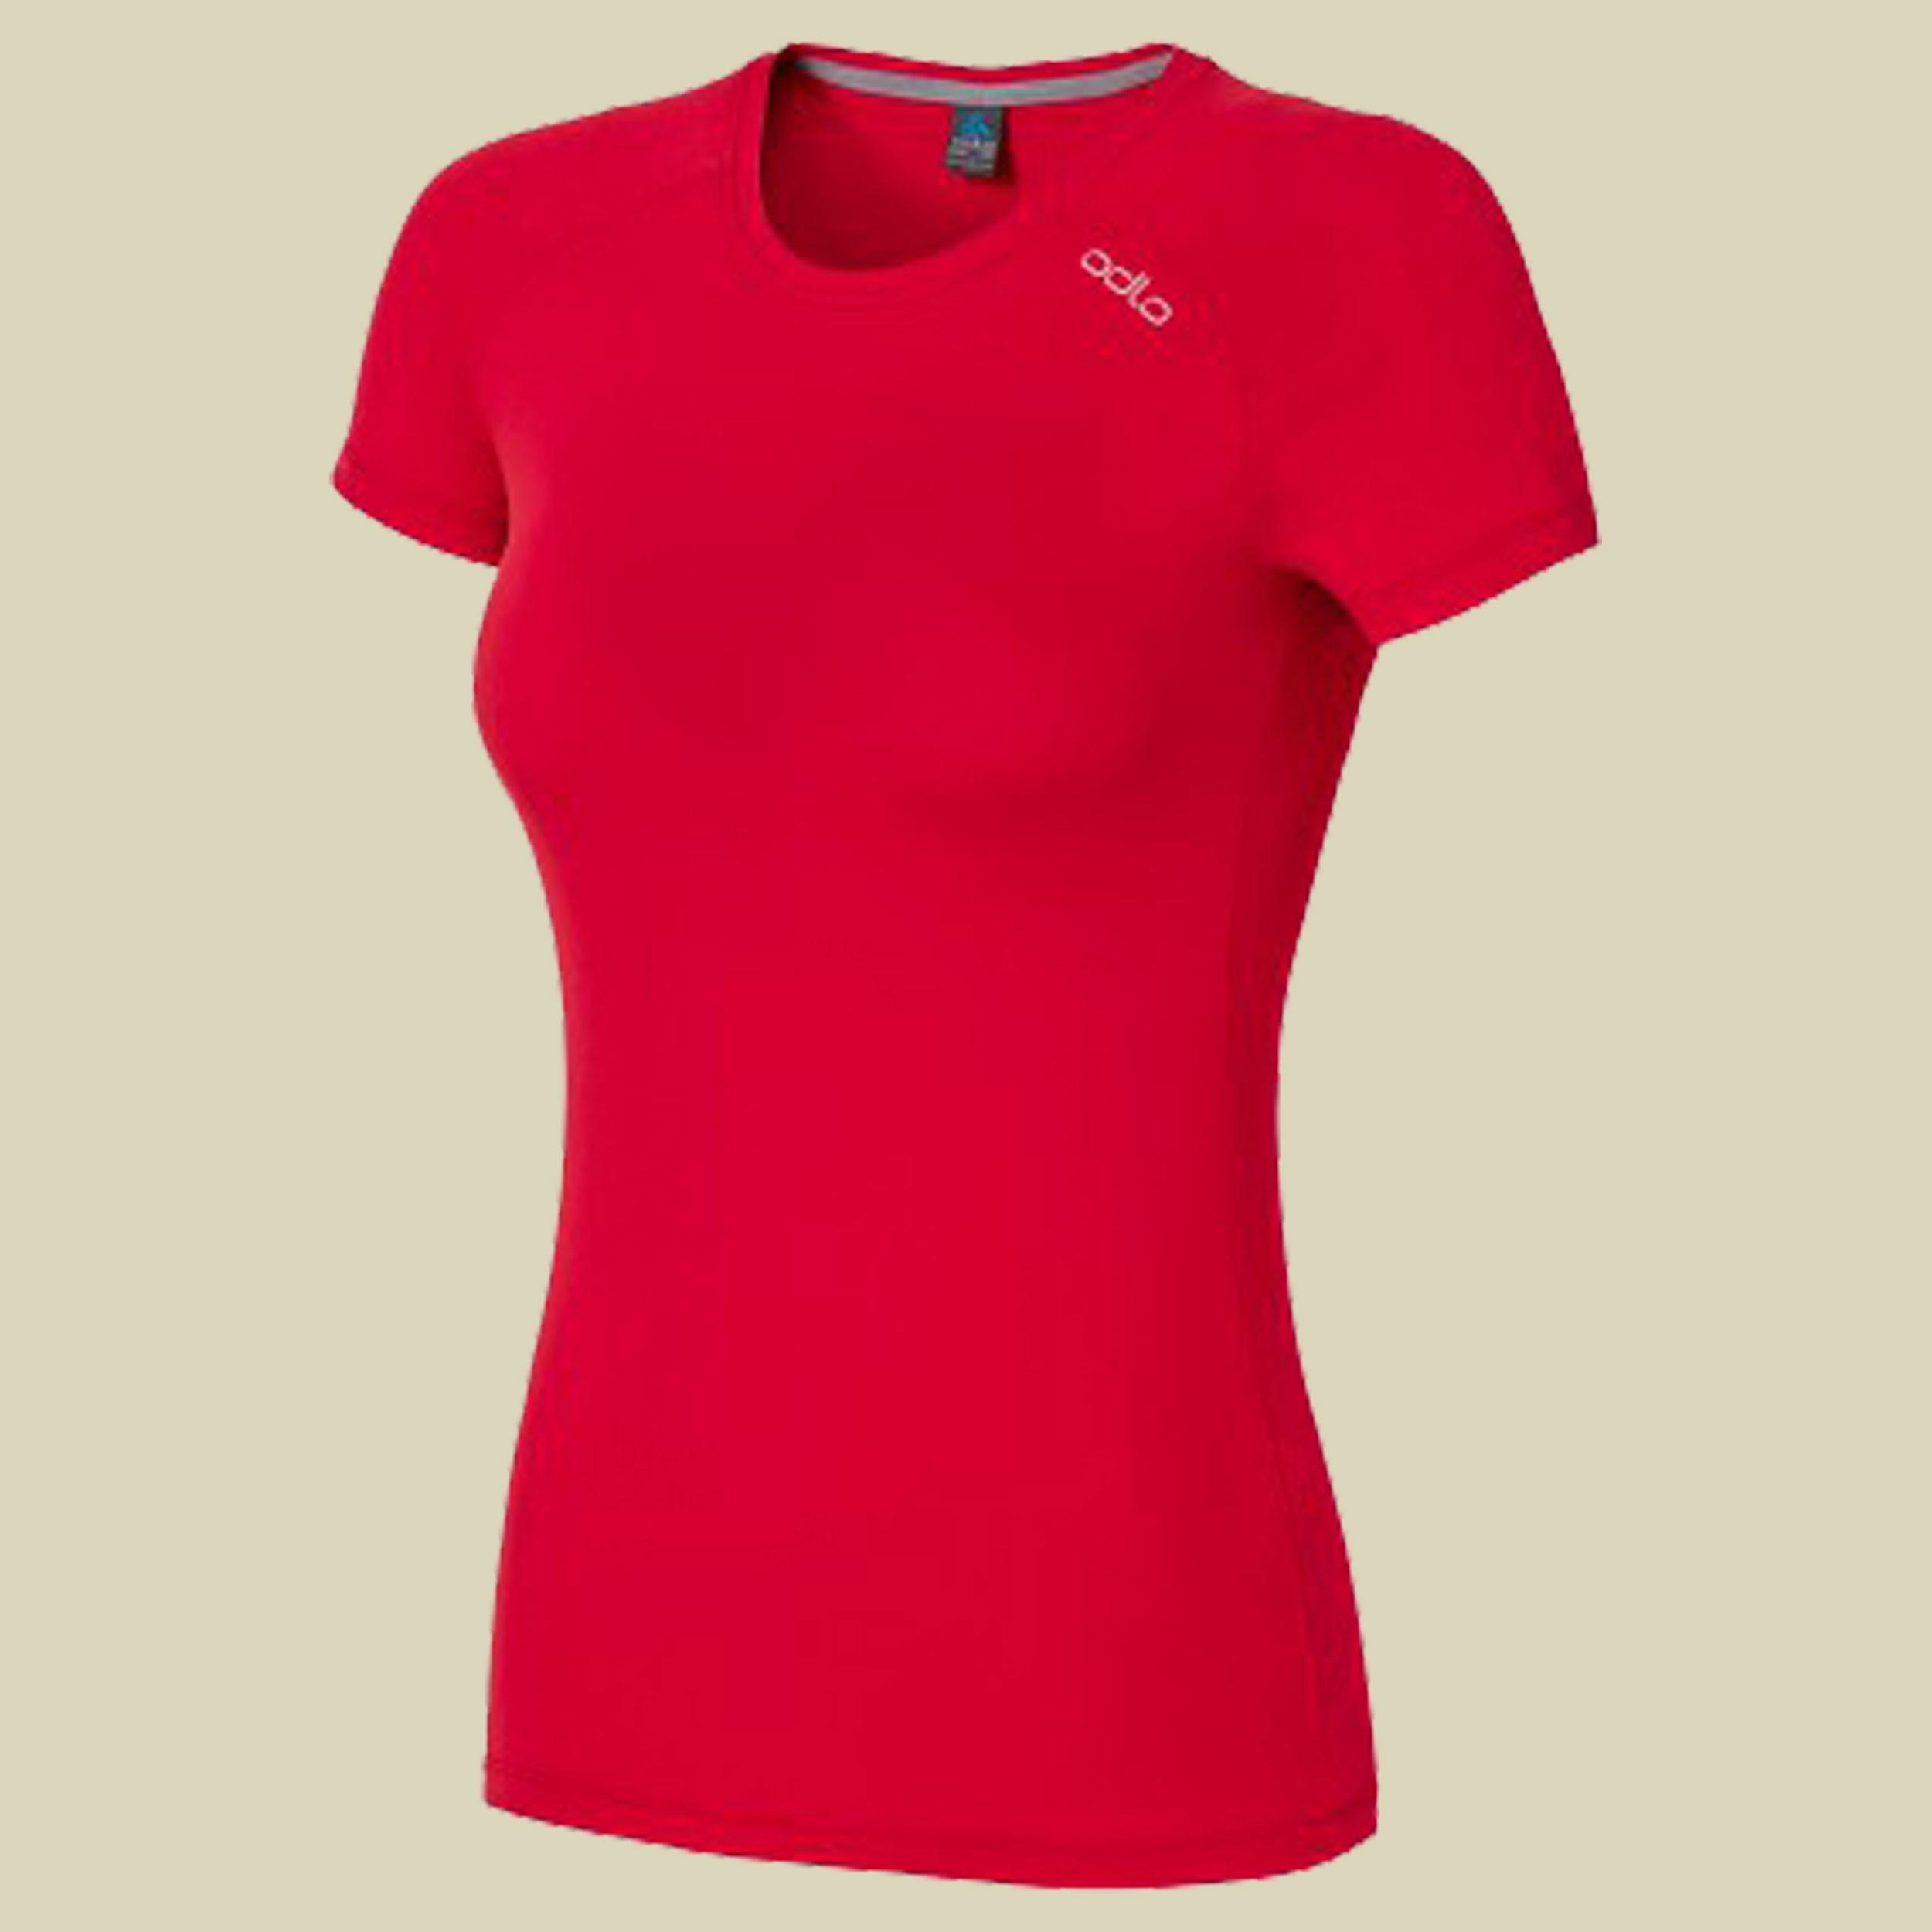 Sillian T-Shirt s/s crew neck Women